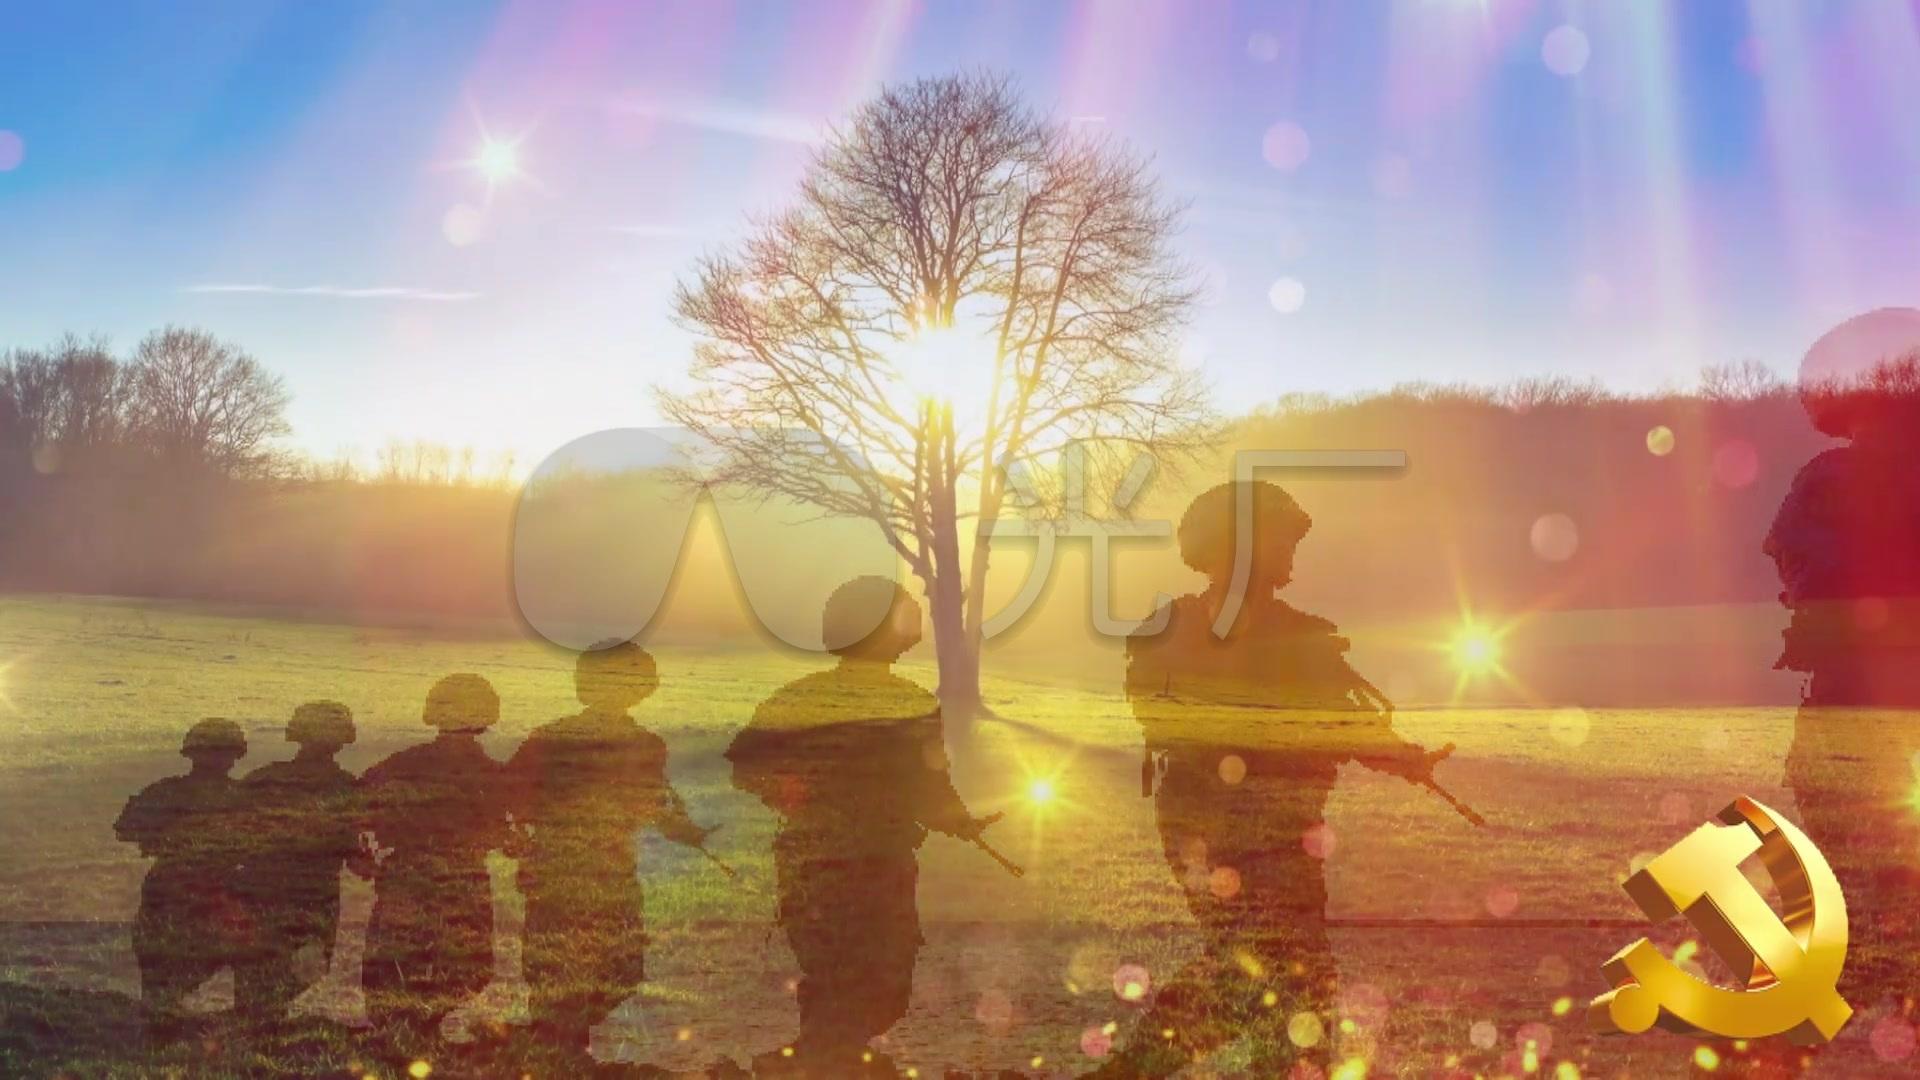 歌曲视频《小白杨》视频军旅_1920X1080_高发提拉片背景图片